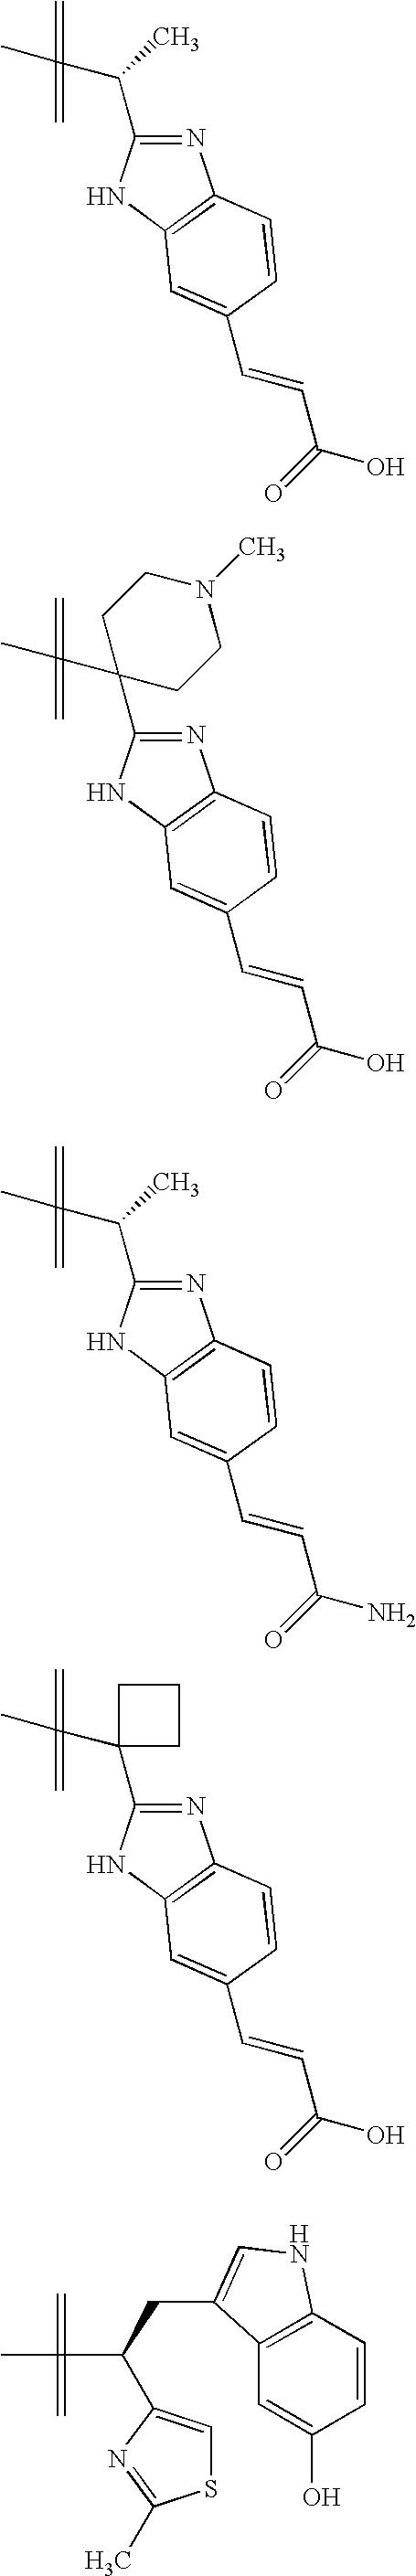 Figure US20070049593A1-20070301-C00152